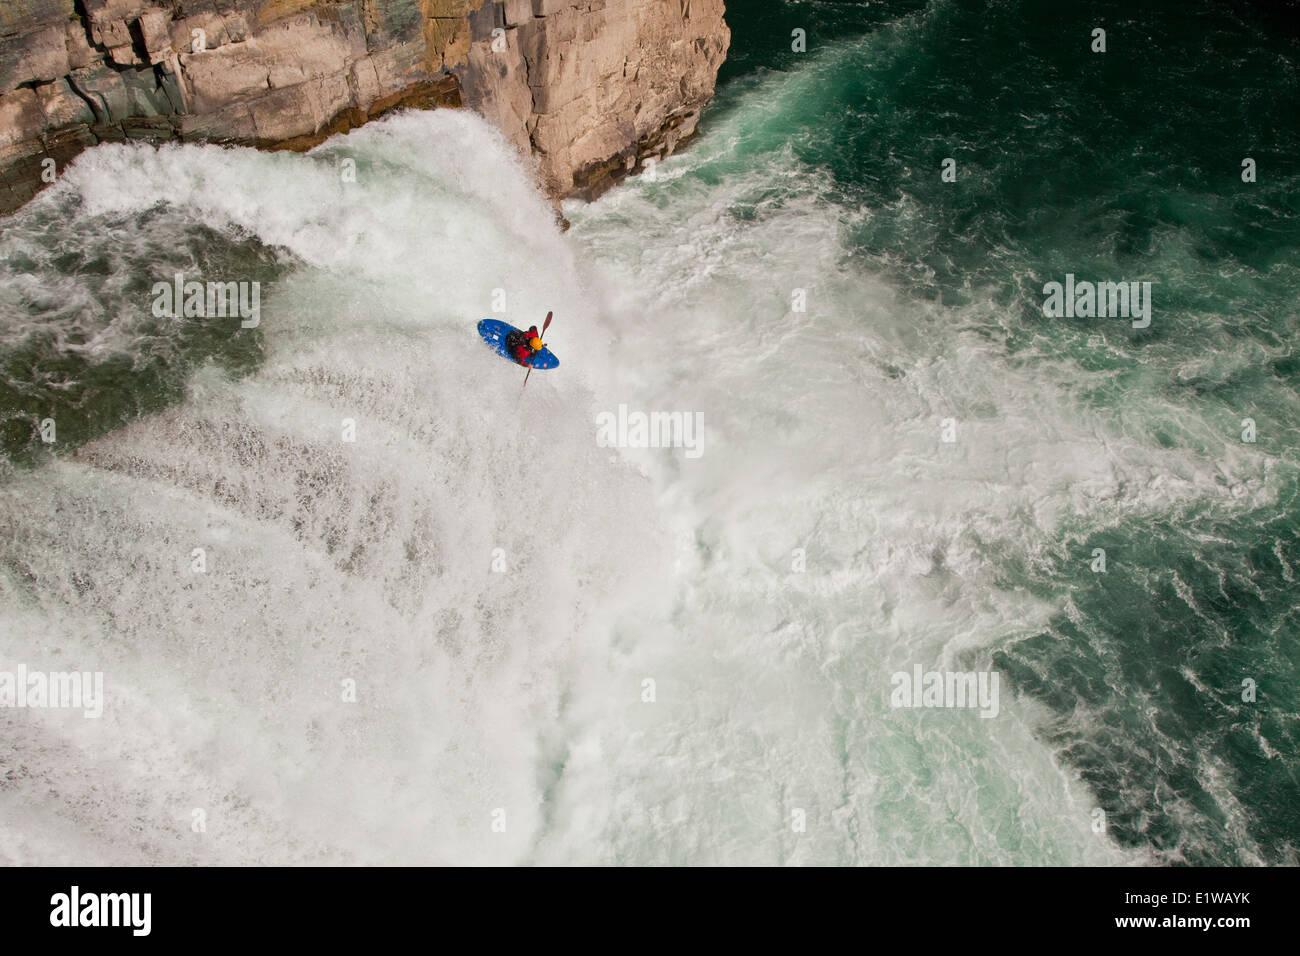 Un kayakiste homme exécute un acte de foi, une cascade de 30 pieds sur la partie supérieure de la rivière Photo Stock